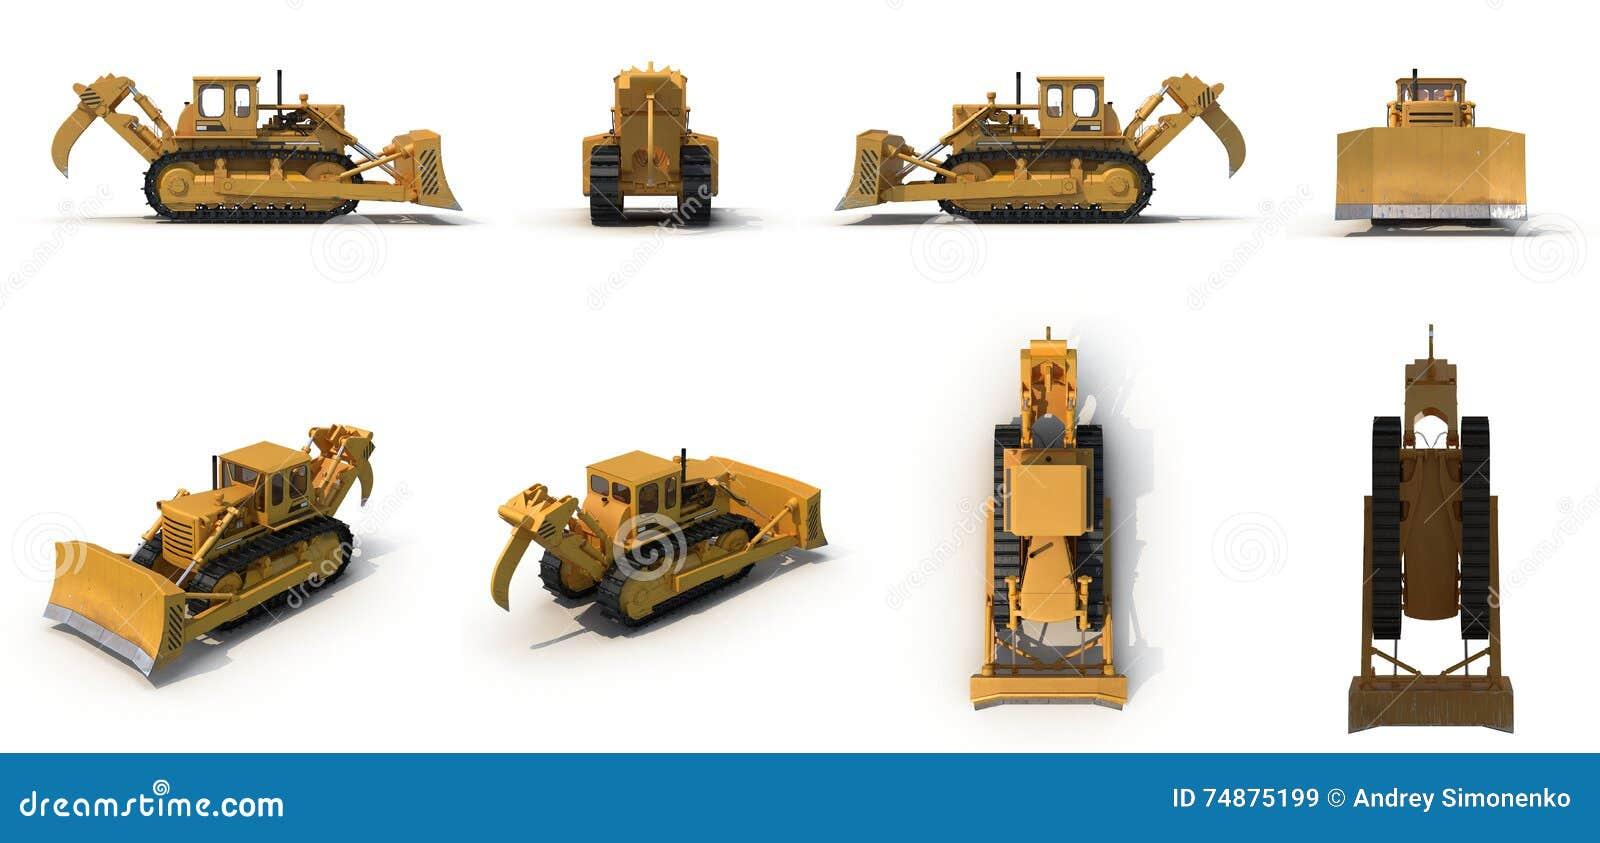 Escavadora resistente isolada na ilustração 3D branca